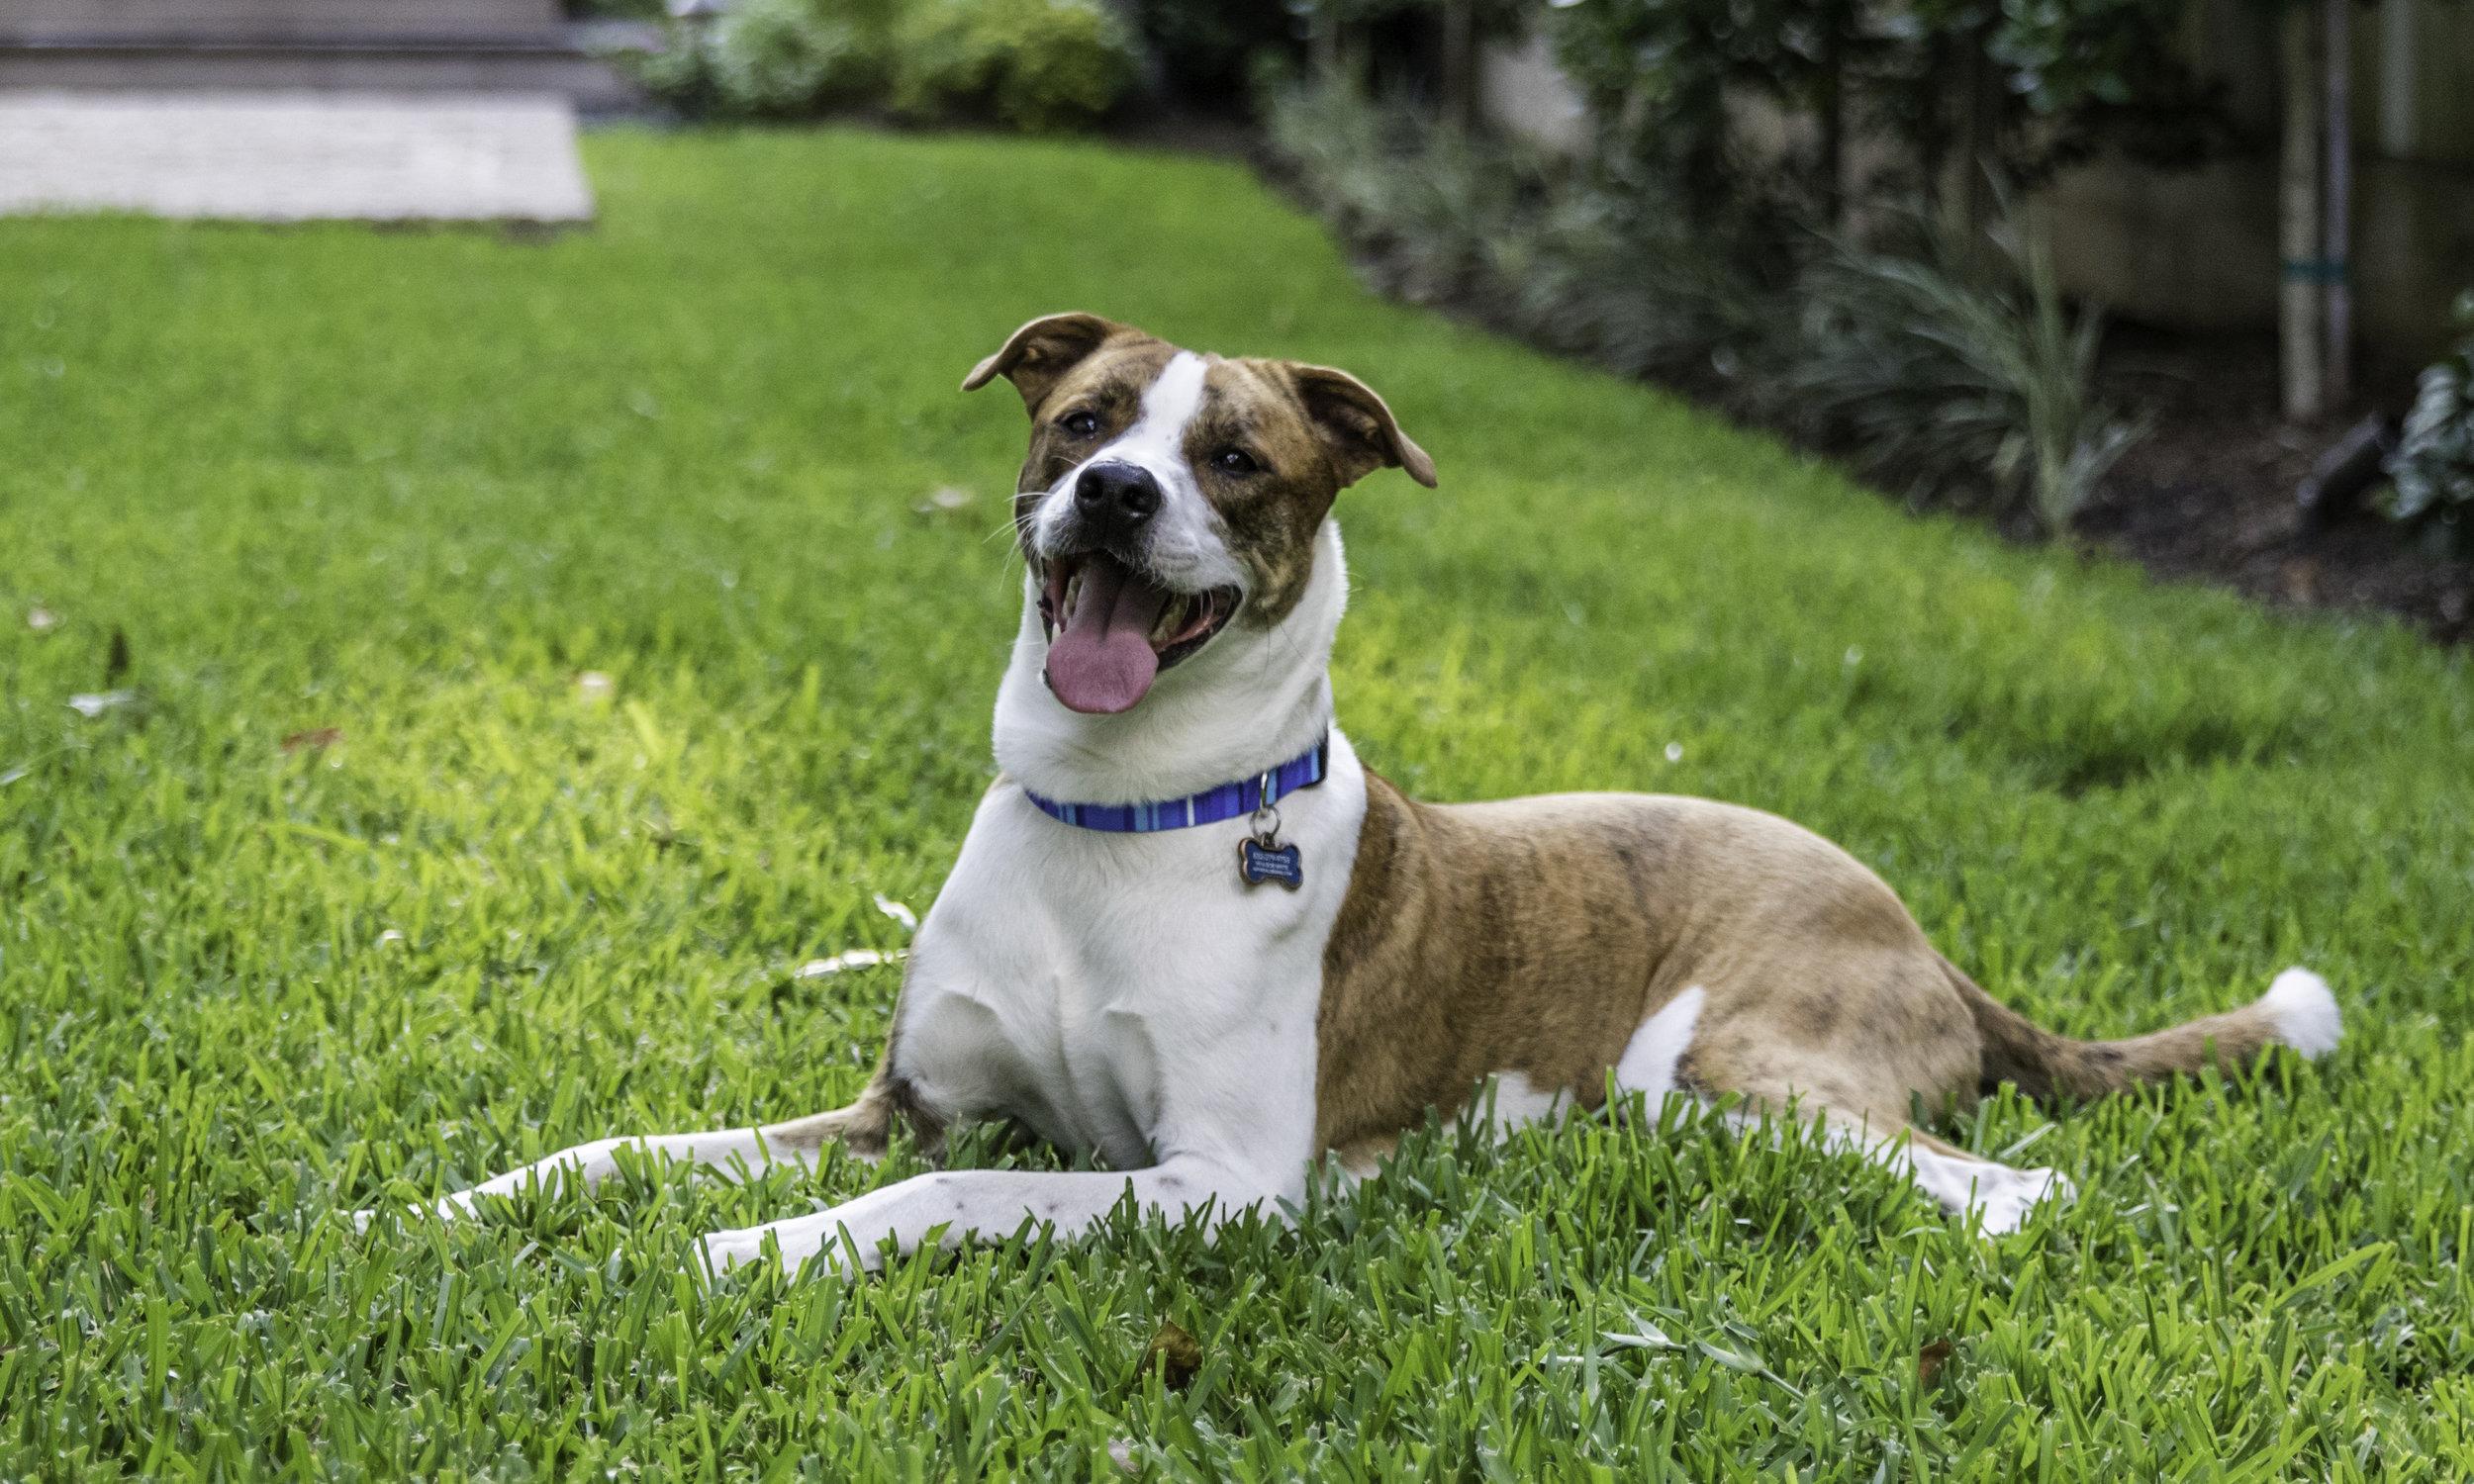 Stephanie Bennett Dog Puppy Training | Behavior Modification Potty Training | Houston TX_FC_8254 resized.jpg